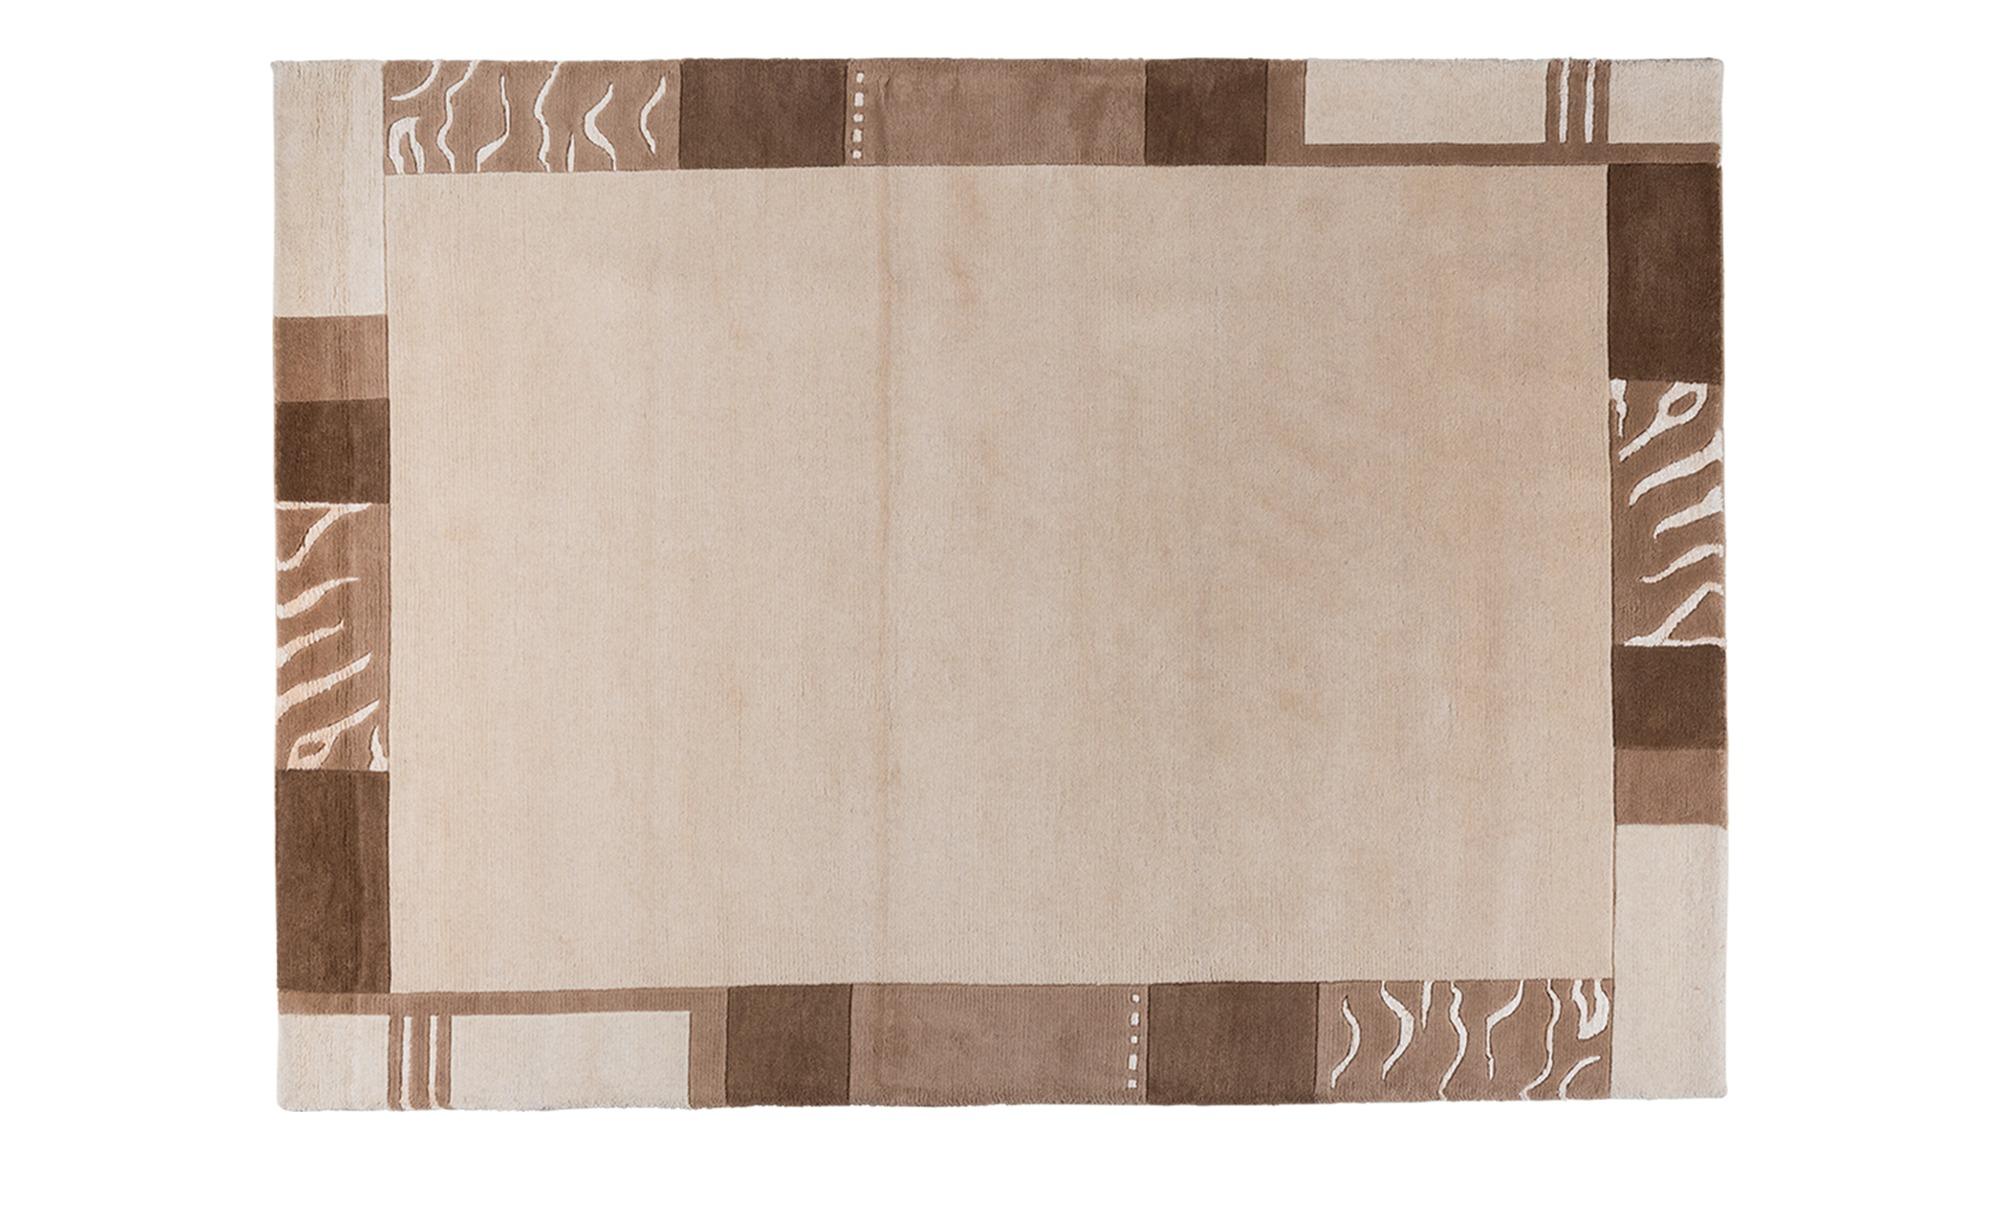 nepal teppich kanpur breite 70 cm h he beige online kaufen bei woonio. Black Bedroom Furniture Sets. Home Design Ideas